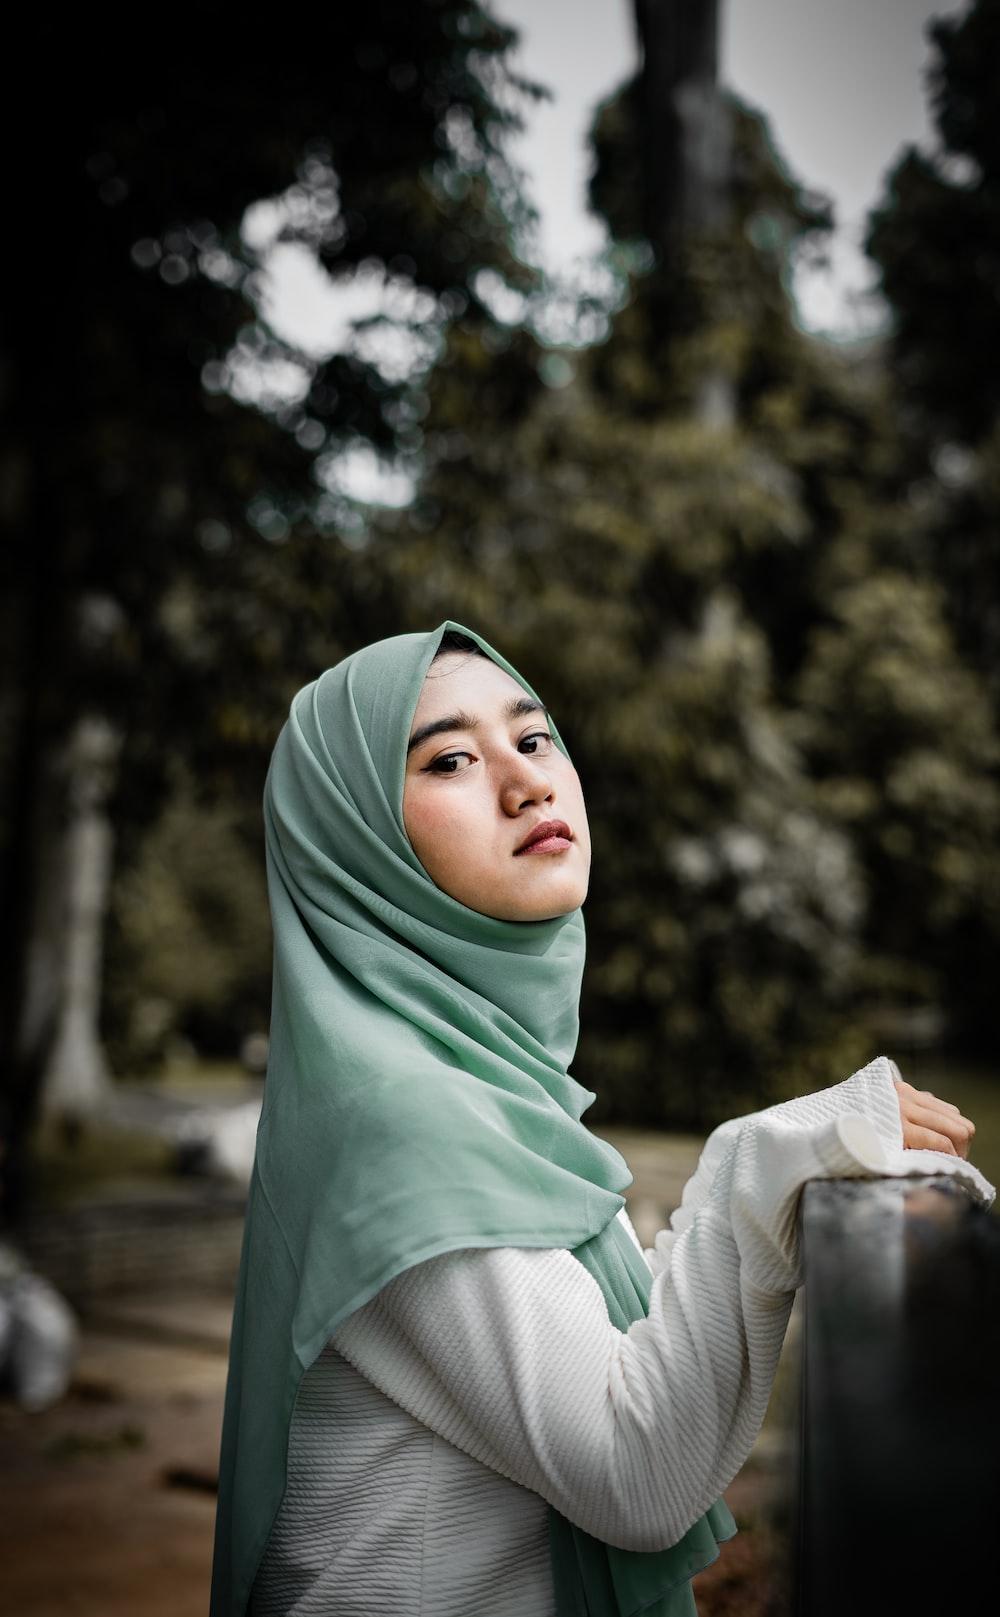 woman wearing grey hijab